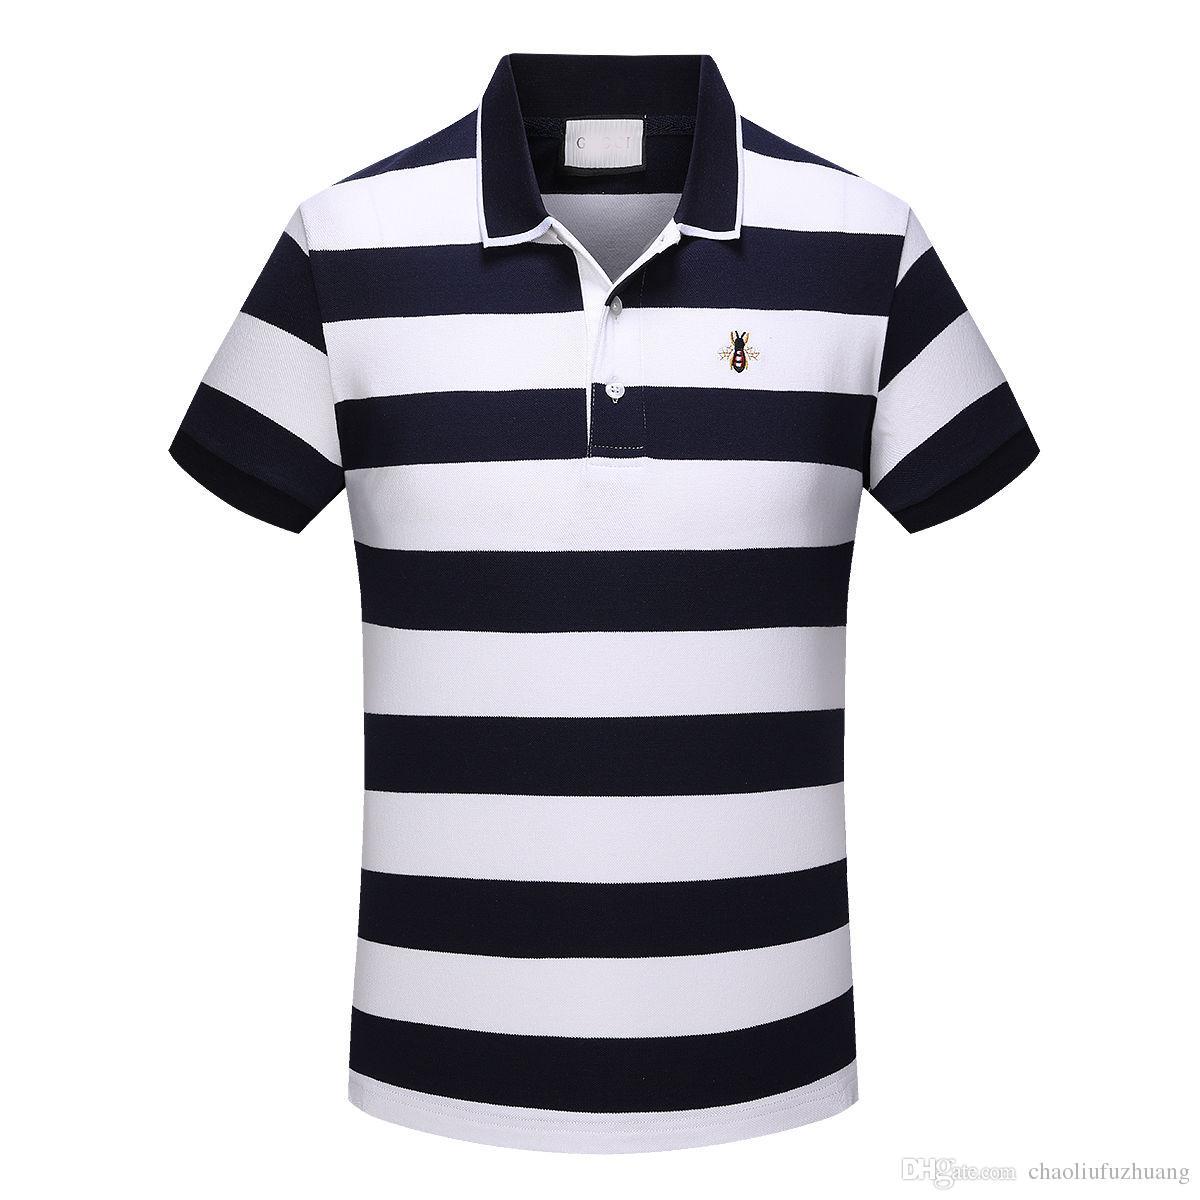 21106d63f1793 Compre Camisetas De Fútbol De Calidad Superior 18 18 Ajax AC Milan ...